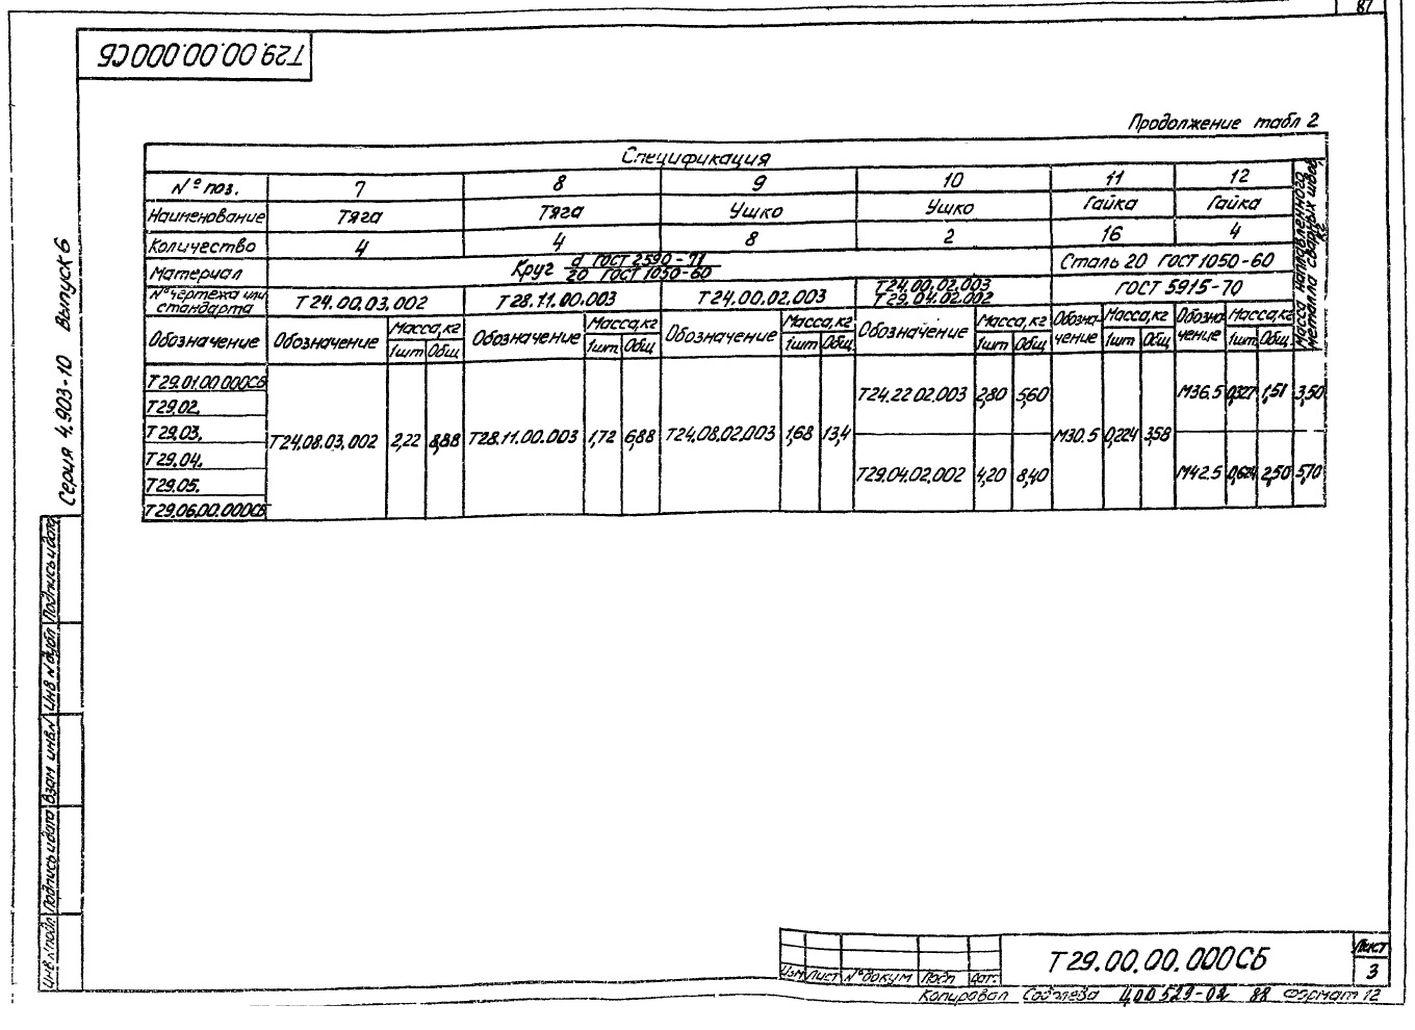 Опора подвесная пружинная Т29 с.4.903-10 вып.6 стр.3